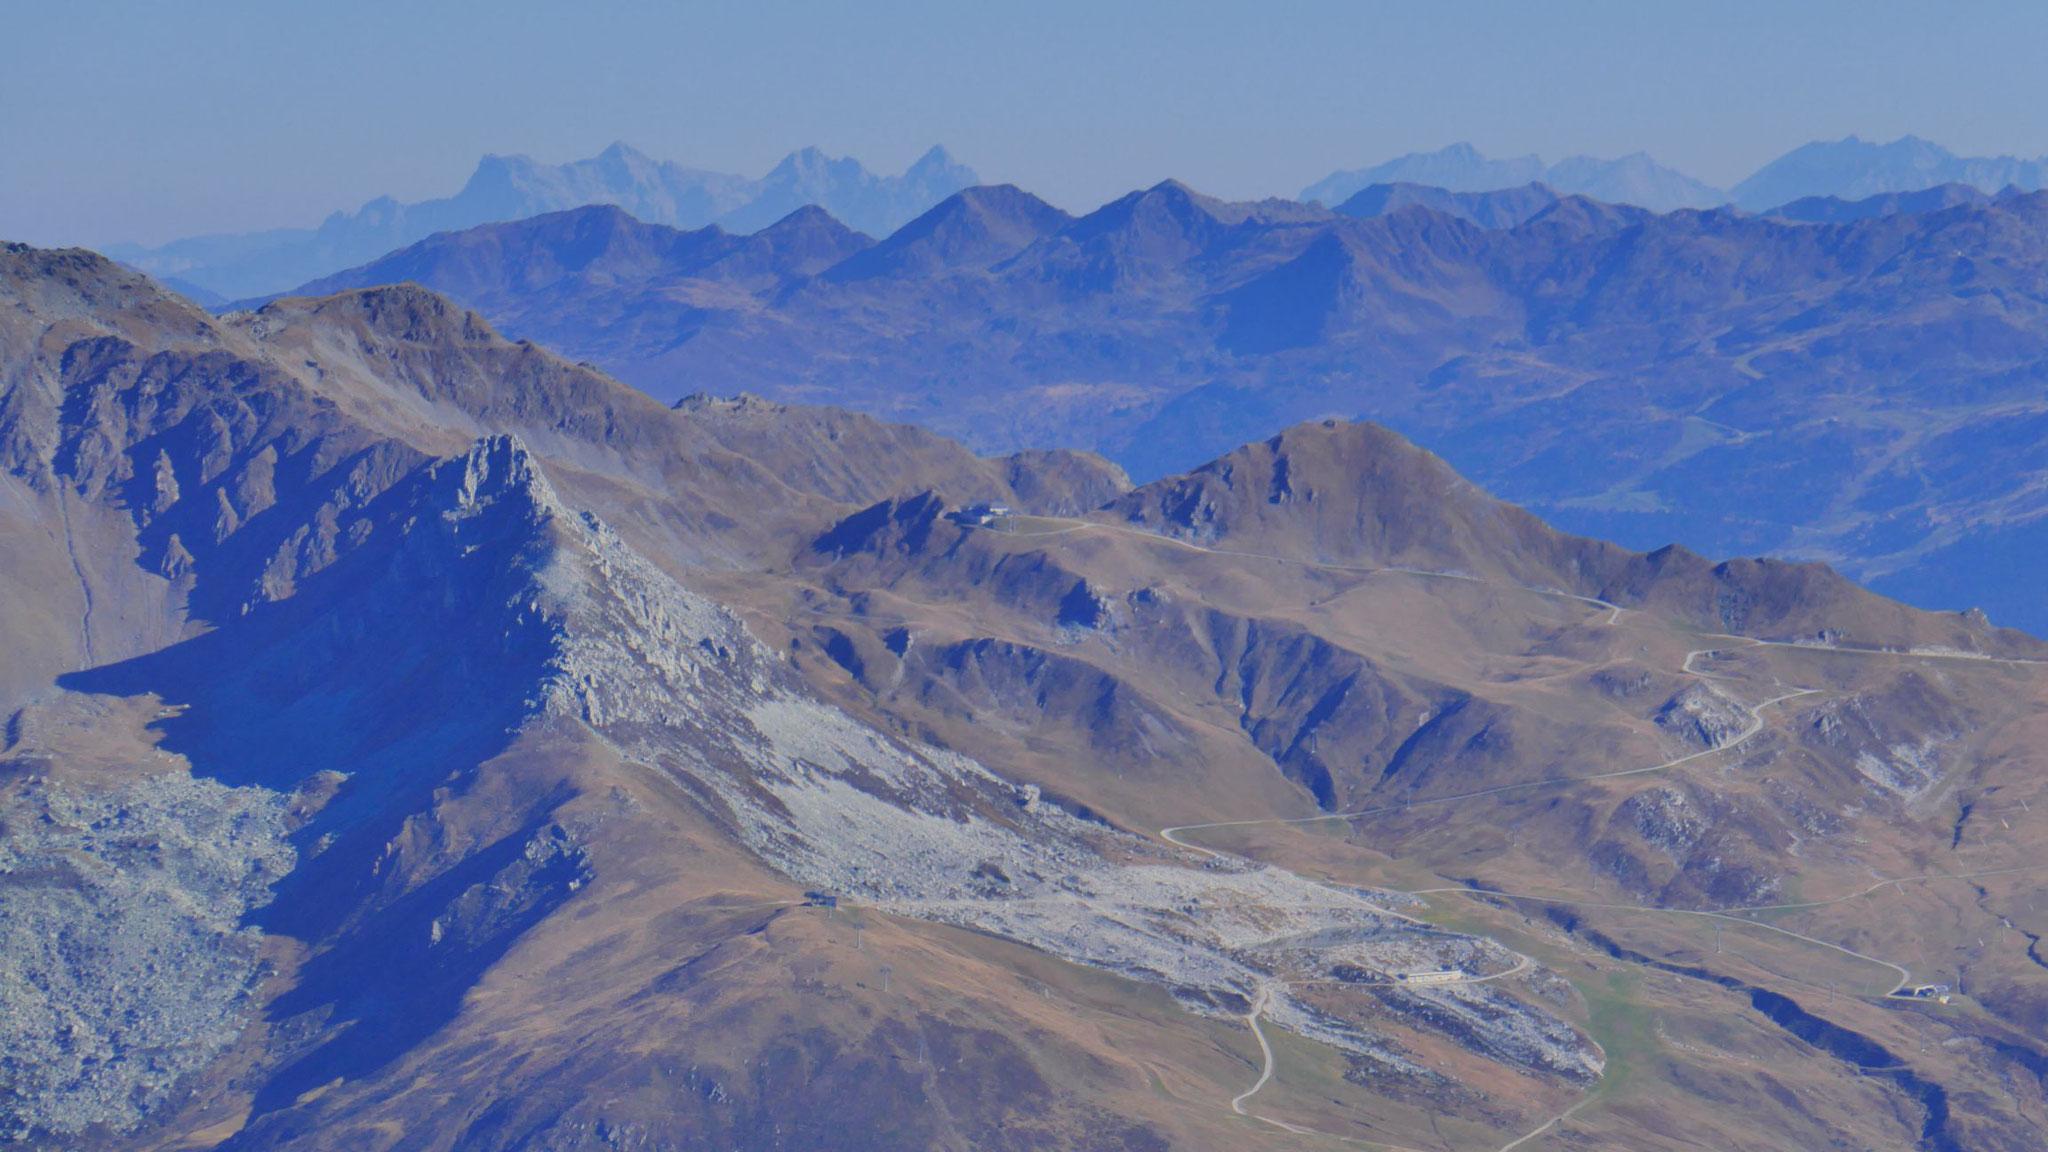 Graue Spitze nahe dem Skigebiet Mayrhofen, am Horizont Loferer Steinberge und Watzmann